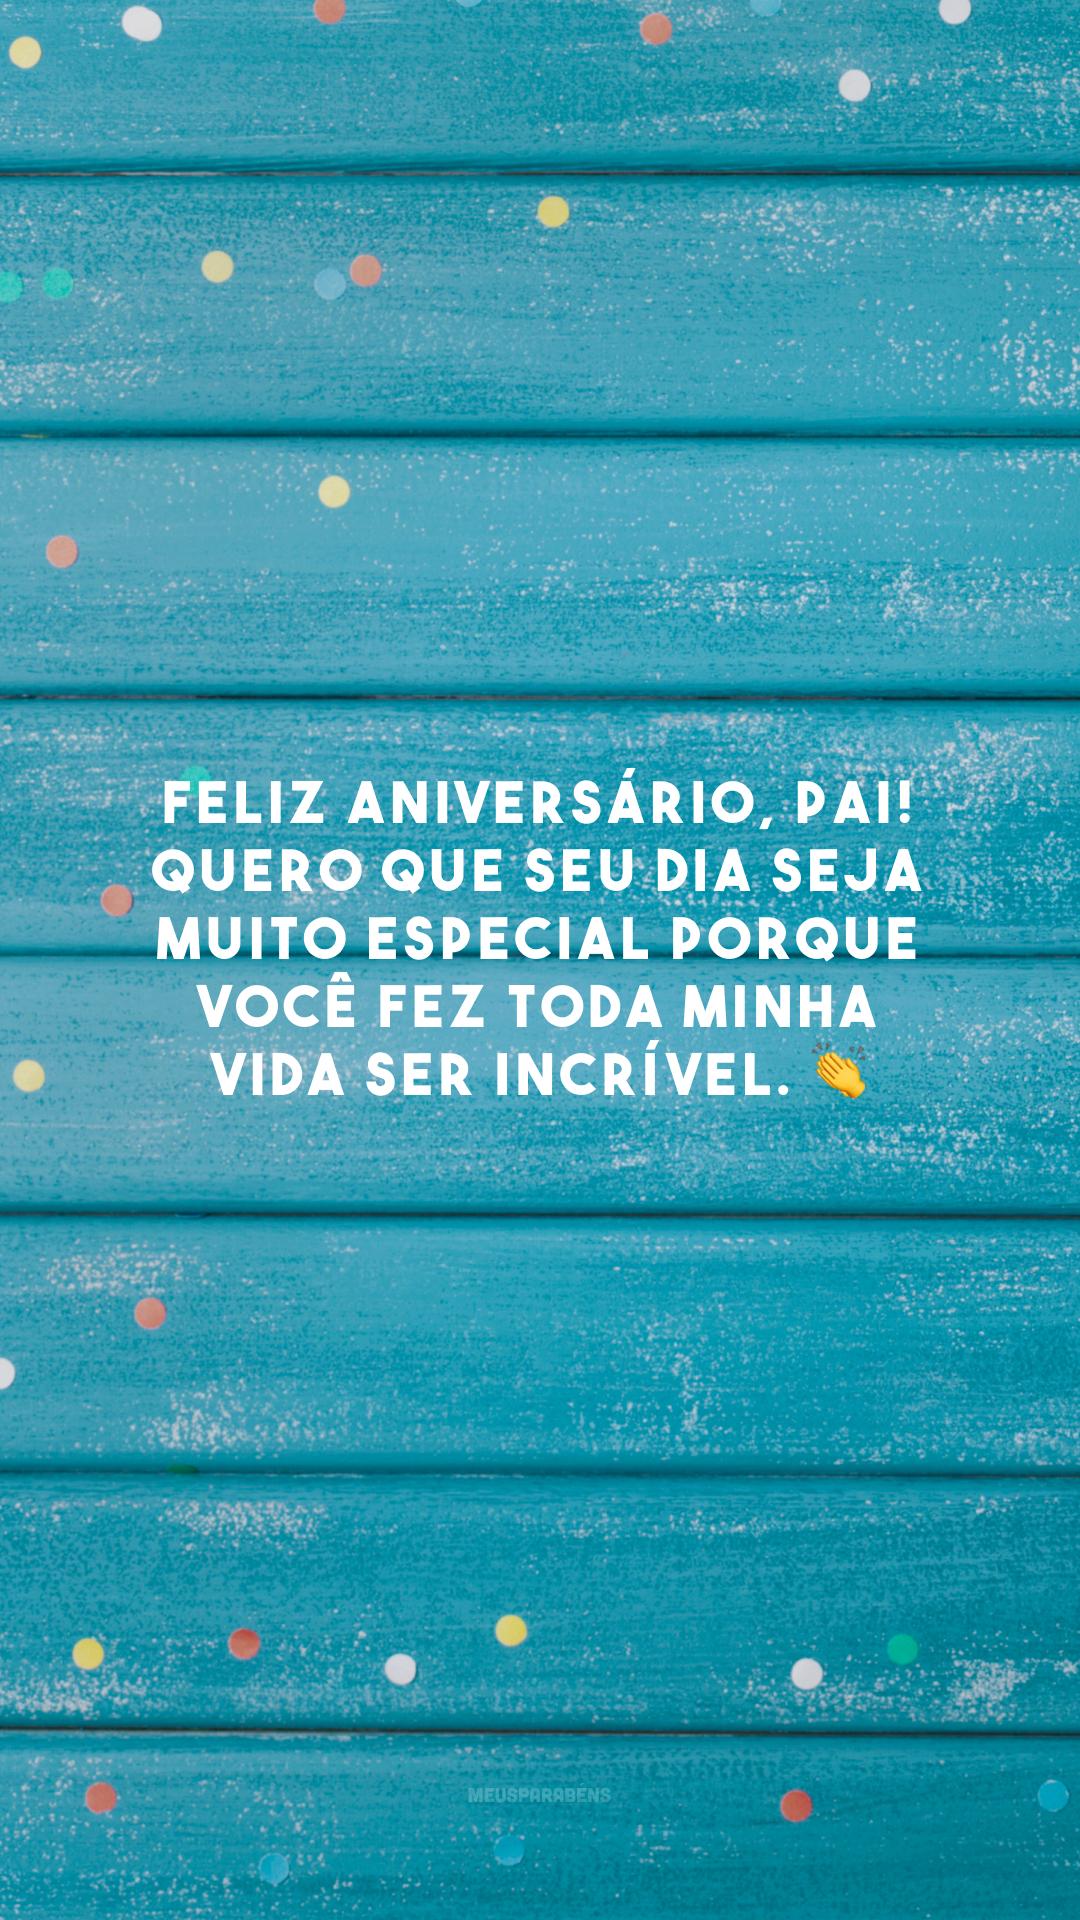 Feliz aniversário, pai! Quero que seu dia seja muito especial porque você fez toda minha vida ser incrível. 👏